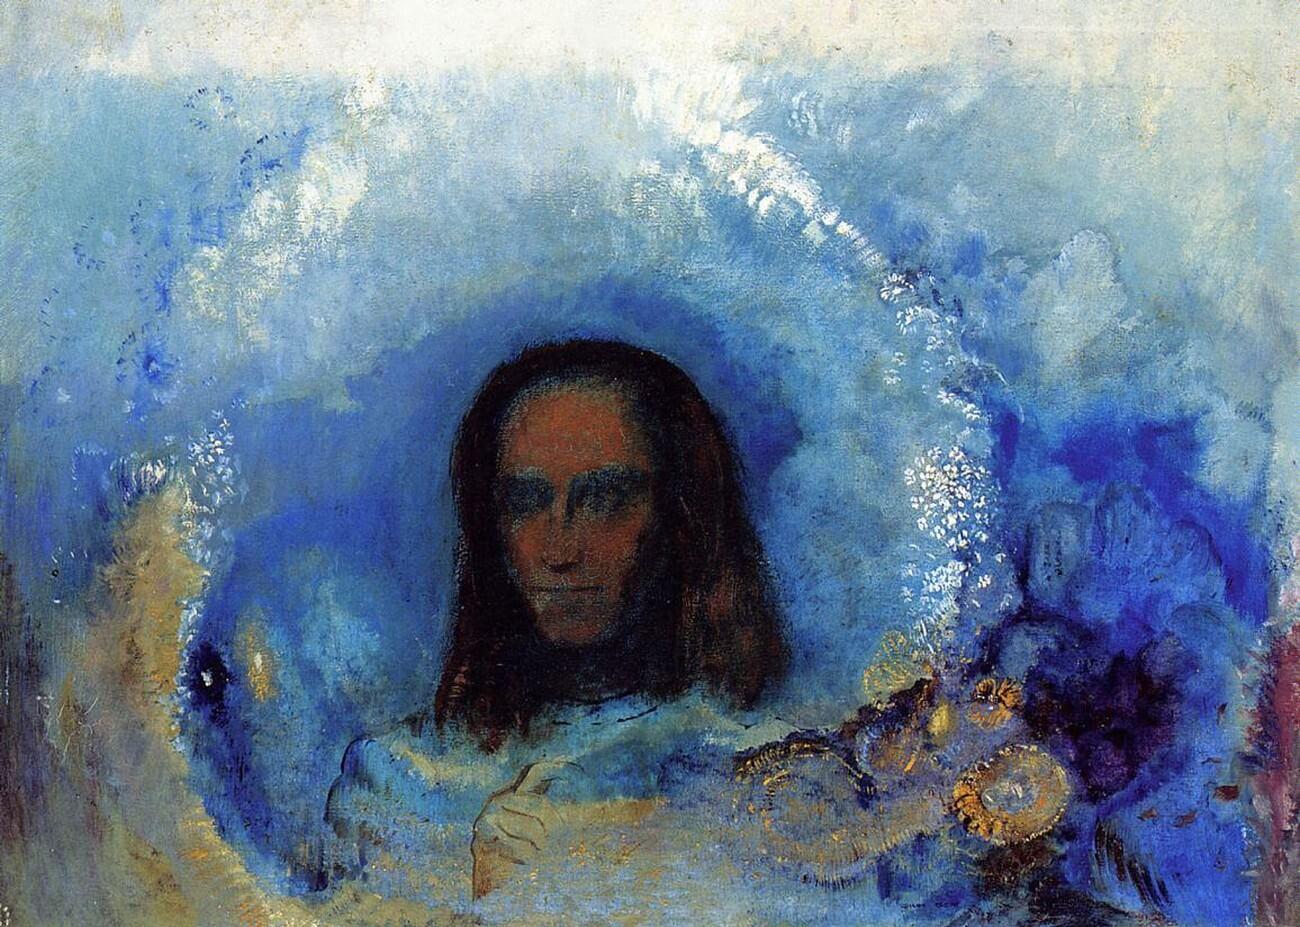 Jean-Paul Sartre. De hel, dat zijn de anderen. Odilon Redon, 1840-1916. Vertalingen Vivienne Stringa.